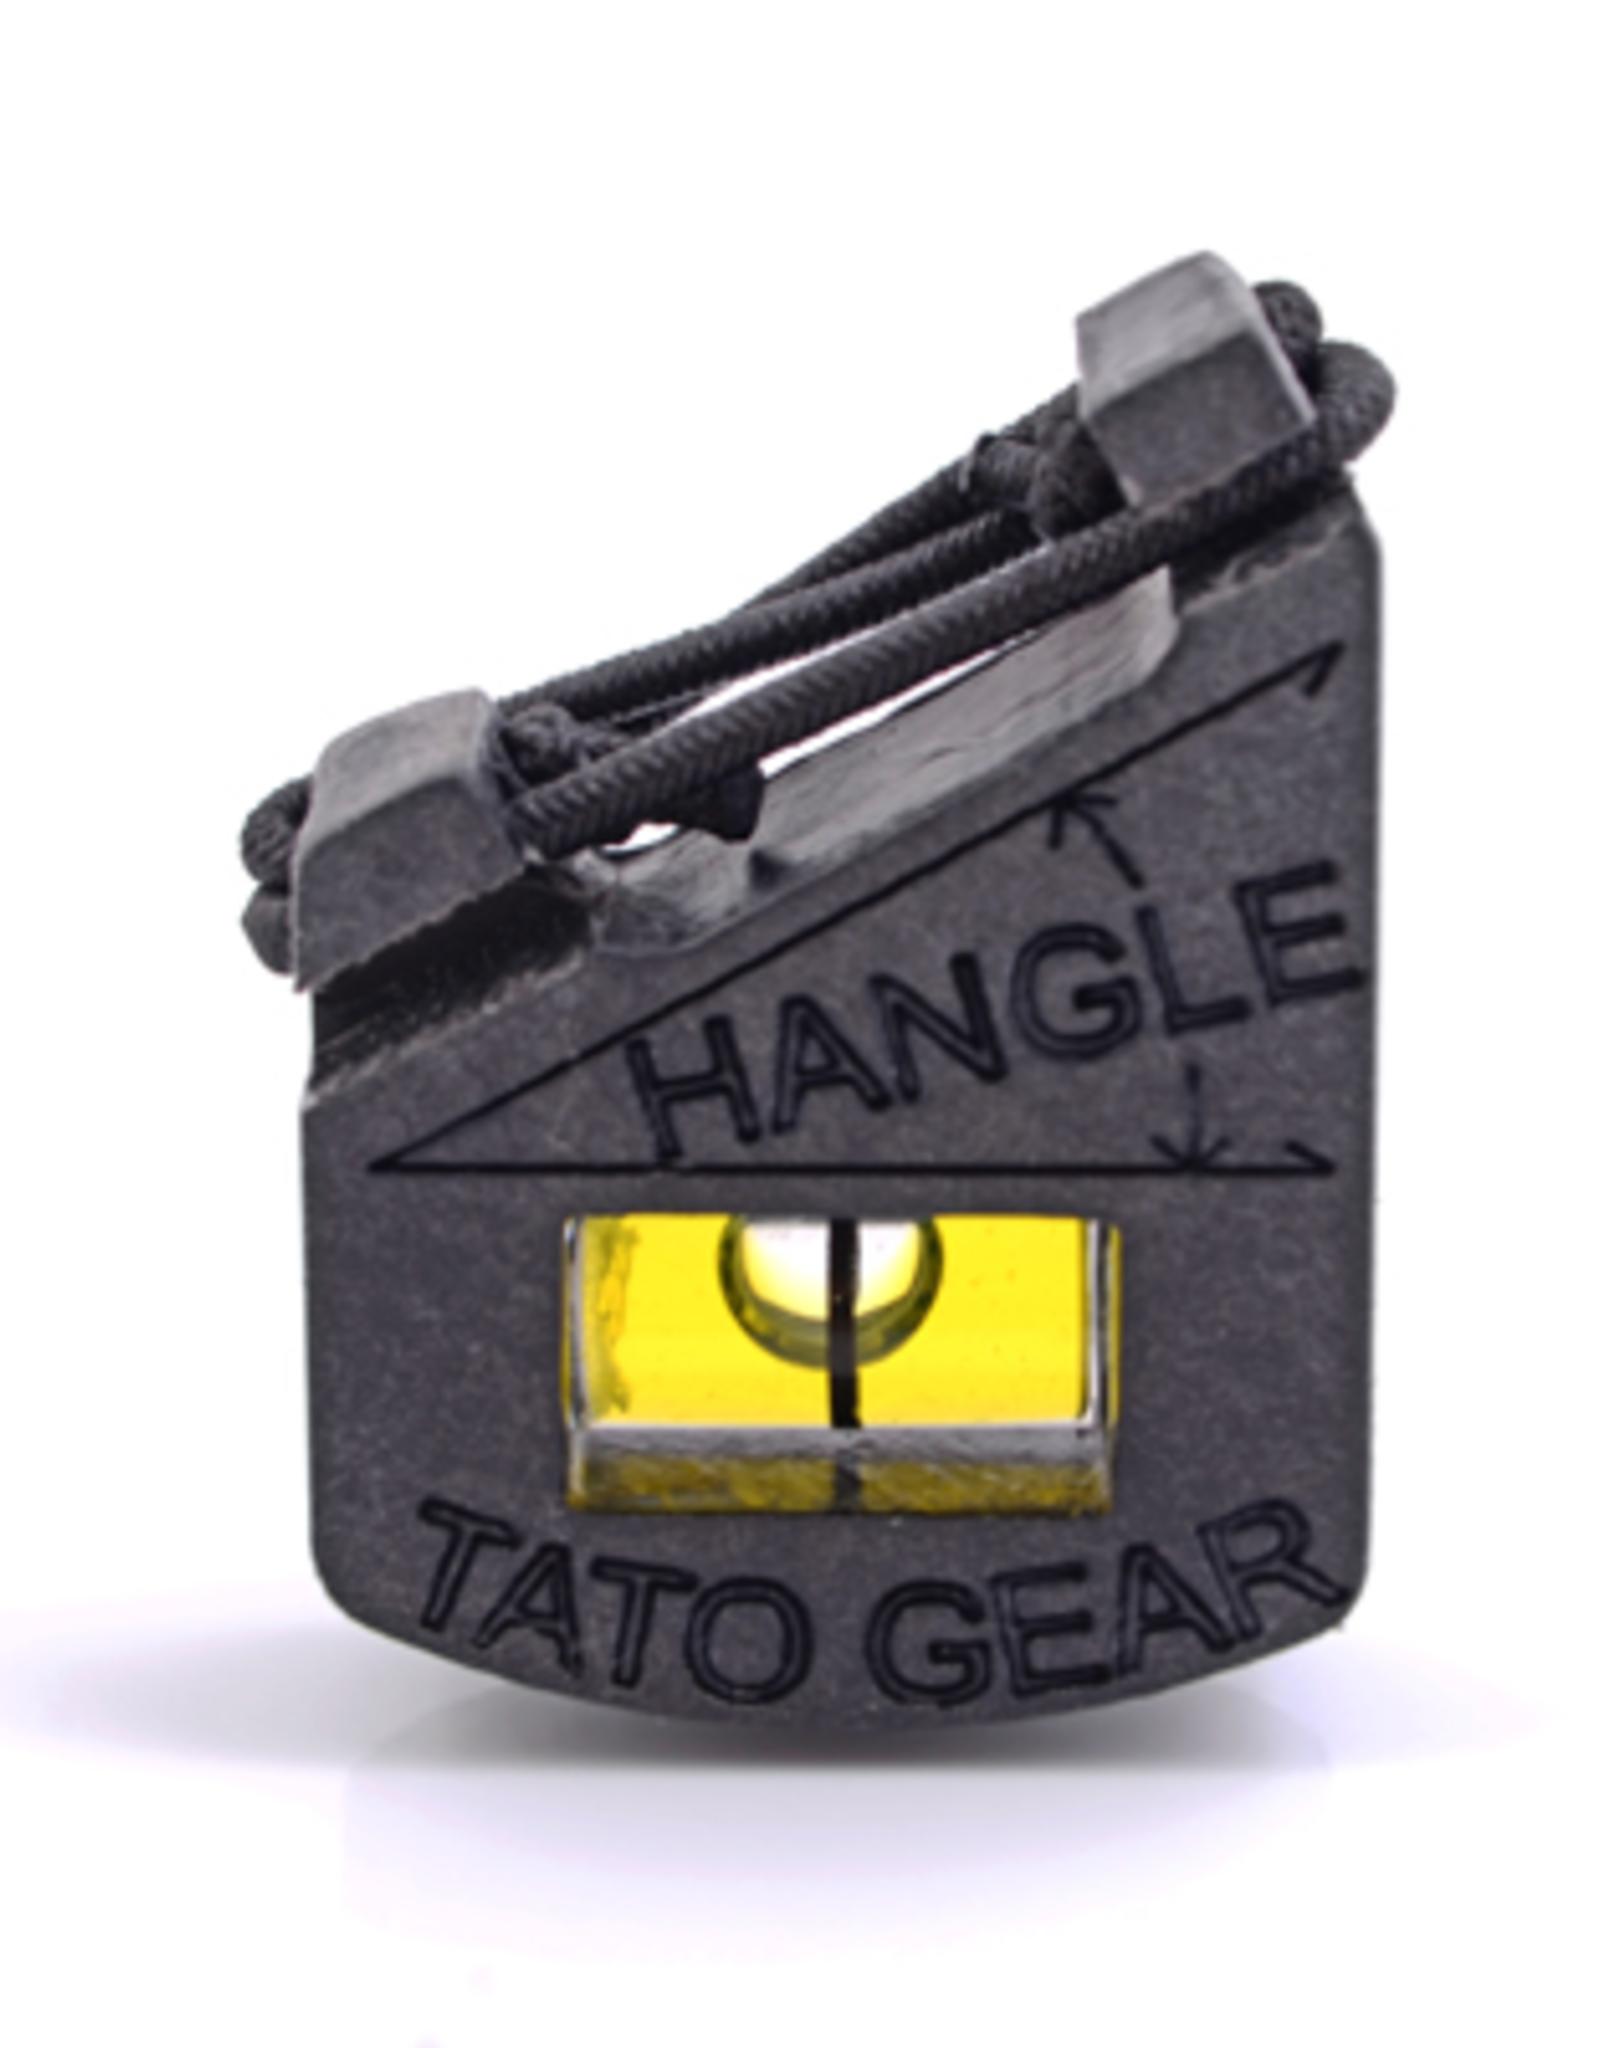 Dutchware Gear Hangle